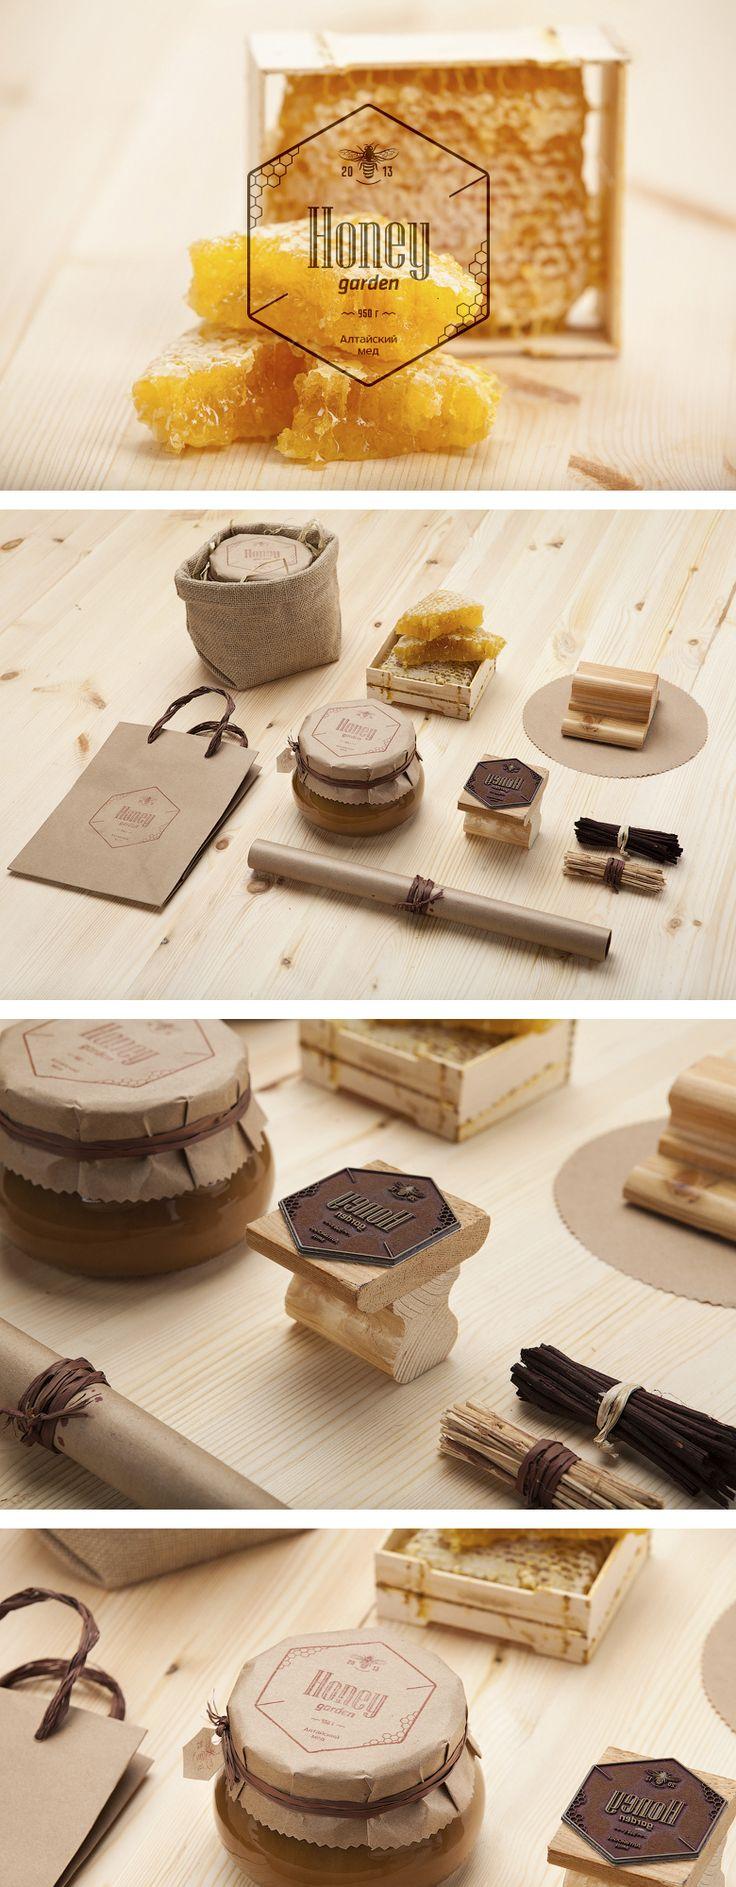 Упаковка для алтайского мёда Honey Garden — проект студии Arthography